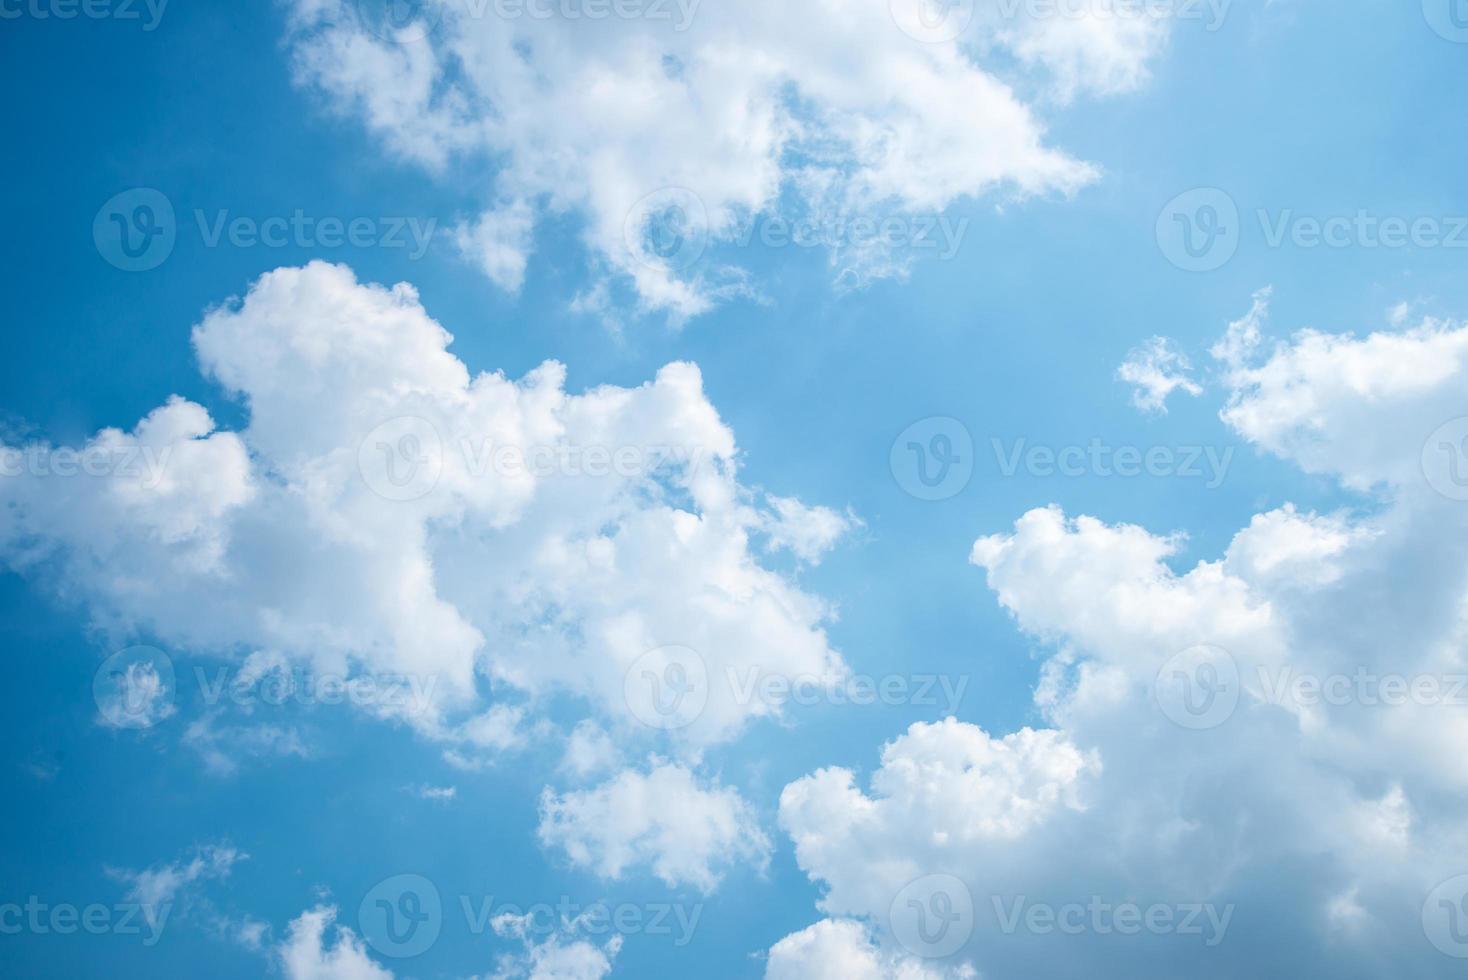 nubes blancas con fondo de cielo azul. foto